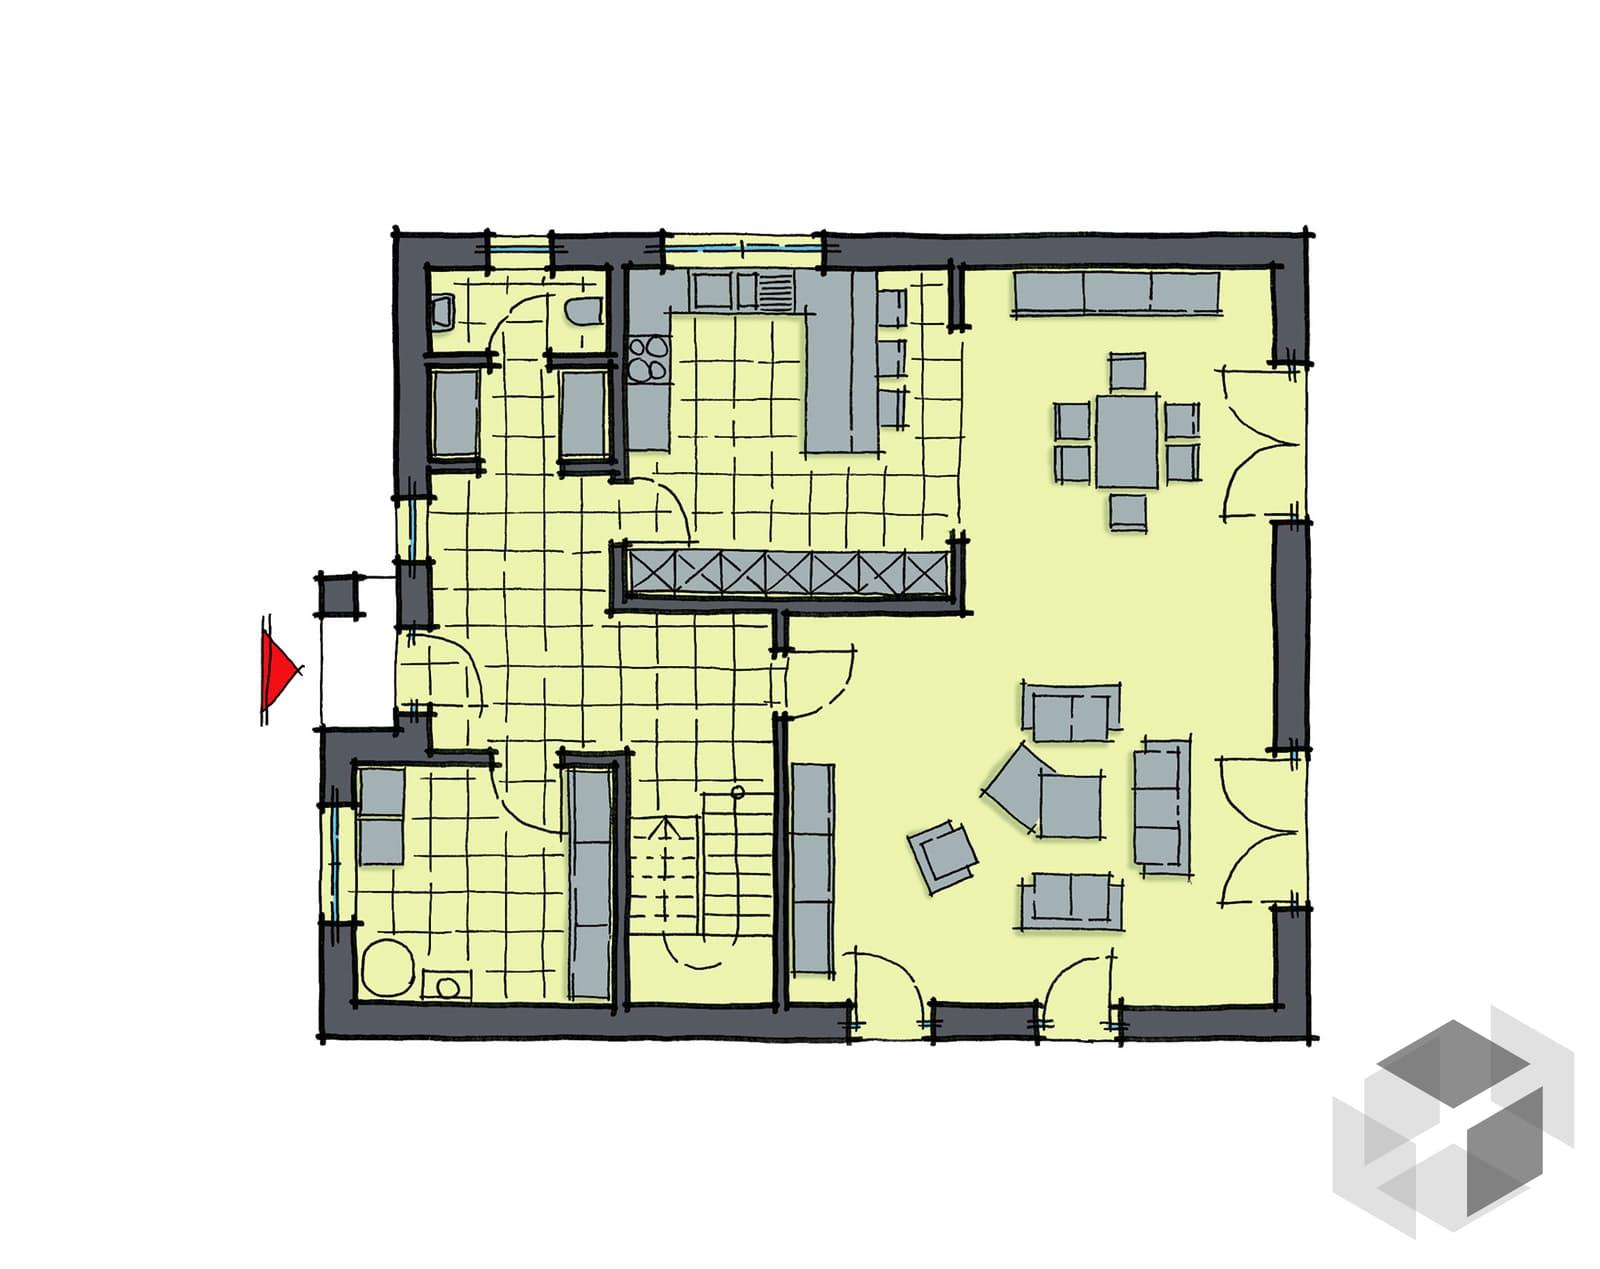 ostia von gussek haus komplette daten bersicht. Black Bedroom Furniture Sets. Home Design Ideas